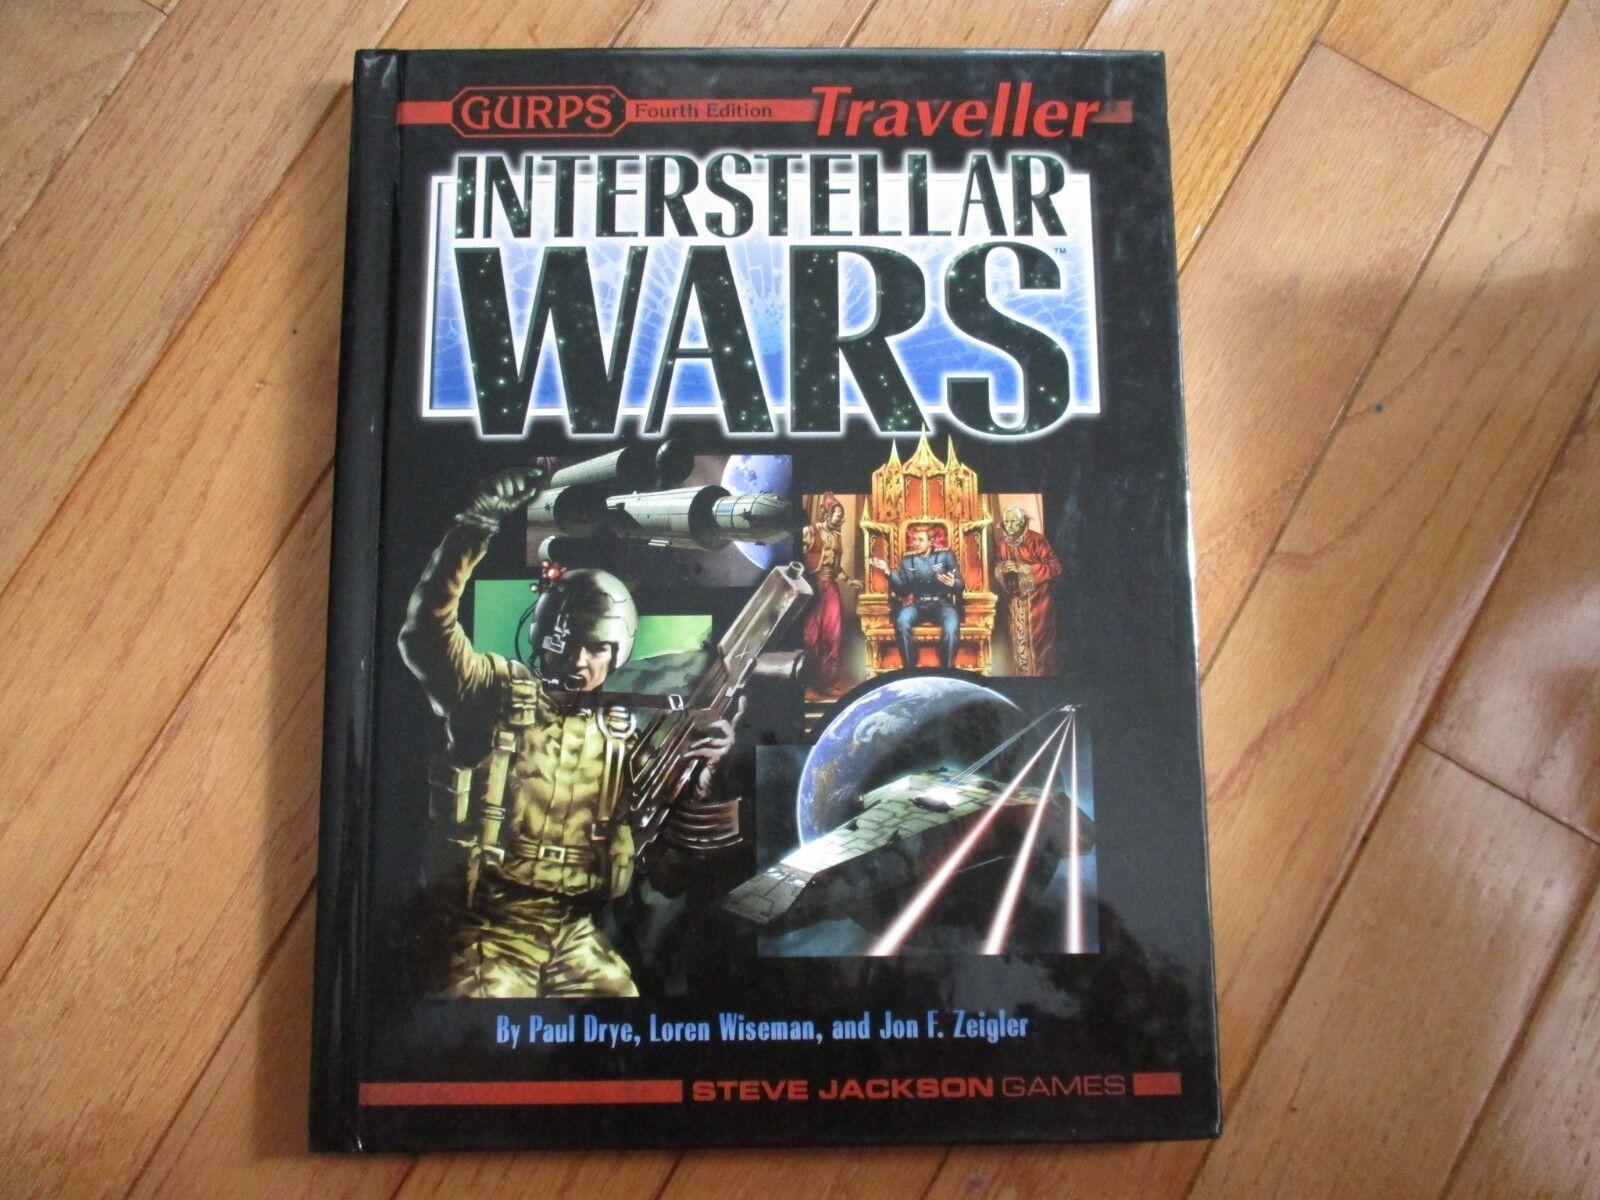 Tu satisfacción es nuestro objetivo GURPS GURPS GURPS 4th edición viajero interestelar guerras  ¡No dudes! ¡Compra ahora!